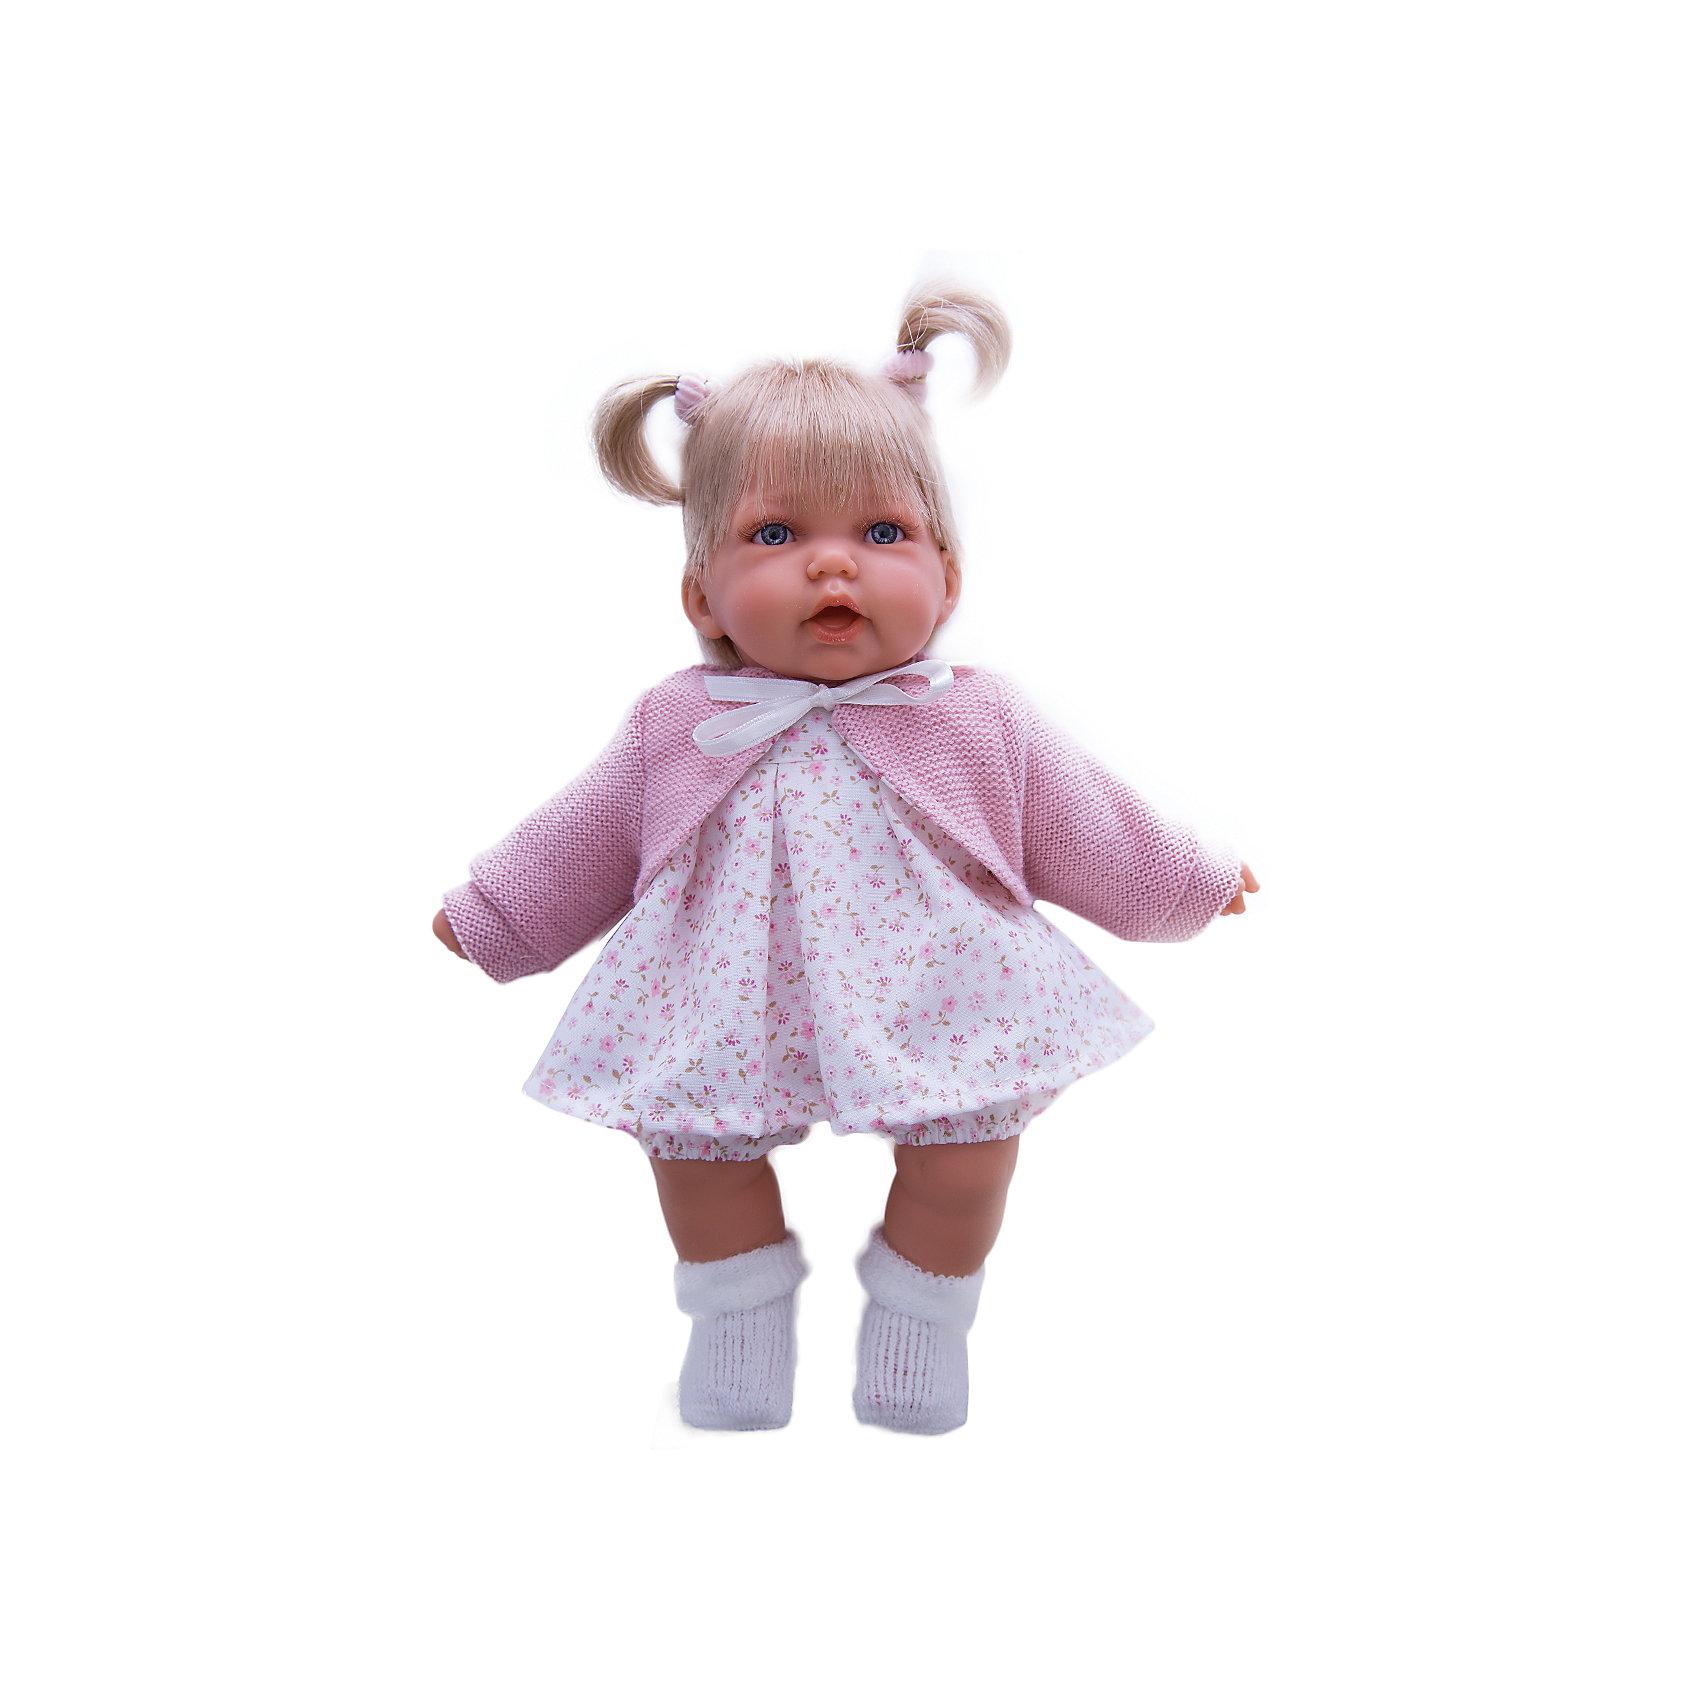 Кукла Элис в розовом, 27 см, Munecas Antonio JuanКукла Элис в розовом, 27 см, Munecas Antonio Juan (Мунекас Антонио Хуан) - эта очаровательная малышка покорит и детей, и родителей.<br>Кукла Элис выглядит как настоящий ребенок, а ее трогательный внешний вид вызывает только самые положительные и добрые эмоции. Эта чудесная милая малышка станет любимицей Вашей девочки и будет воспитывать в ней доброту, внимание и заботу. Личико куклы сделано с детальными прорисовками. Пухлые щечки и губки, выразительные глаза придают игрушке реалистичный вид. Ротик у куклы приоткрыт. Малышка Элис одета светлое платье в мелкий рисунок, розовую кофточку и белые носочки. Волосы завязаны в два хвостика. При нажатии на животик куклы, она весело смеется, а так же может позвать маму и папу. Тельце у куклы мягко-набивное, голова, ручки и ножки сделаны из высококачественного винила. Ручки и ножки подвижны. Кукла изготовлена из высококачественных и экологически чистых материалов, поэтому безопасна для детей любого возраста, соответствует всем нормам и требованиям к качеству детских товаров. Образы малышей Мунекас разработаны известными европейскими дизайнерами. Они натуралистичны, анатомически точны.<br><br>Дополнительная информация:<br><br>- Интерактивные функции куклы: нажмите на животик 1 раз кукла засмеется, 2ой раз - кукла скажет мама, 3ий раз - скажет папа<br>- Глаза куклы не закрываются<br>- Высоты куклы: 27 см.<br>- Работает от 3-х батареек LR44 (таблетки) (батарейки входят в комплект)<br>- Материал: винил, текстиль<br><br>Куклу Элис в розовом, 27 см, Munecas Antonio Juan (Мунекас Антонио Хуан) можно купить в нашем интернет-магазине.<br><br>Ширина мм: 315<br>Глубина мм: 180<br>Высота мм: 145<br>Вес г: 650<br>Возраст от месяцев: 36<br>Возраст до месяцев: 84<br>Пол: Женский<br>Возраст: Детский<br>SKU: 4201309